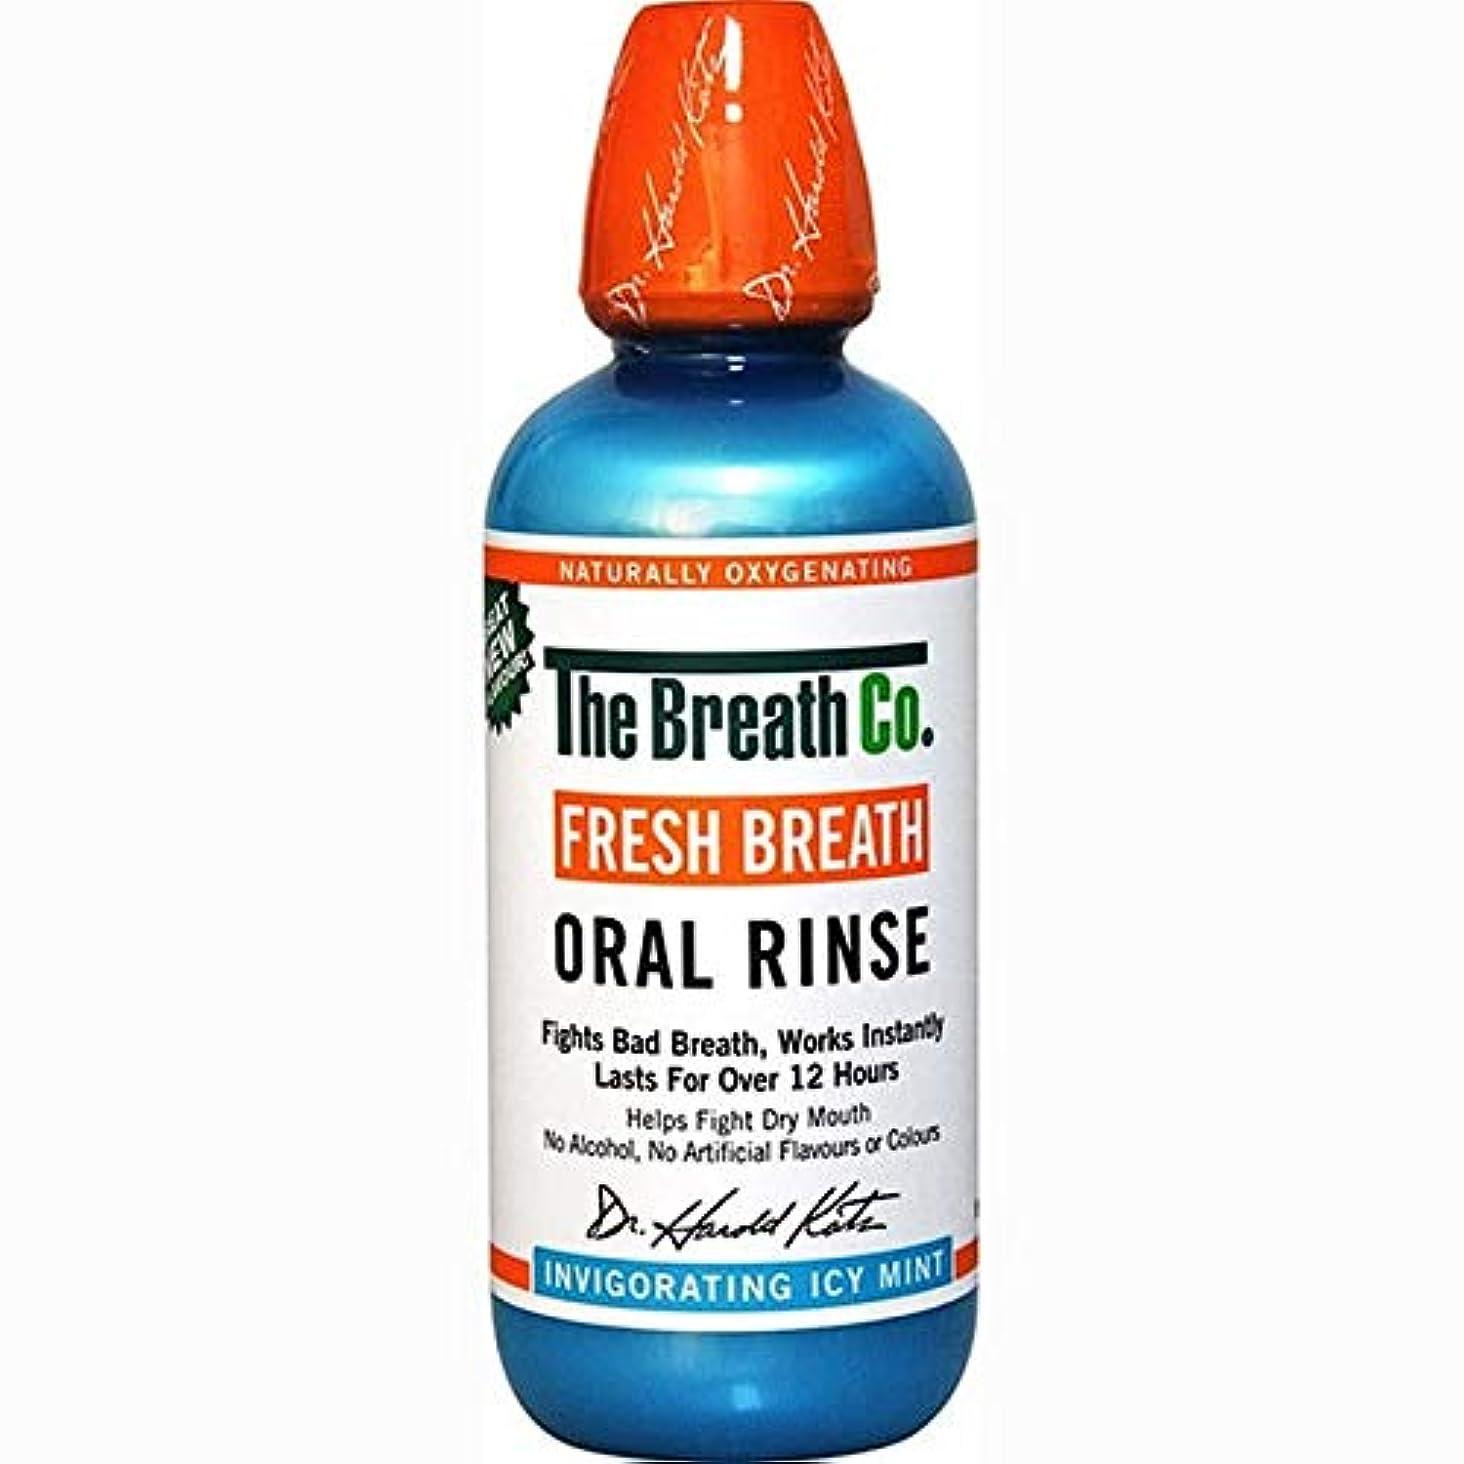 ゴミ選ぶ意外[The Breath Co] 息のCo新鮮な息口腔リンス氷のミント500ミリリットル - The Breath Co Fresh Breath Oral Rinse Icy Mint 500ml [並行輸入品]